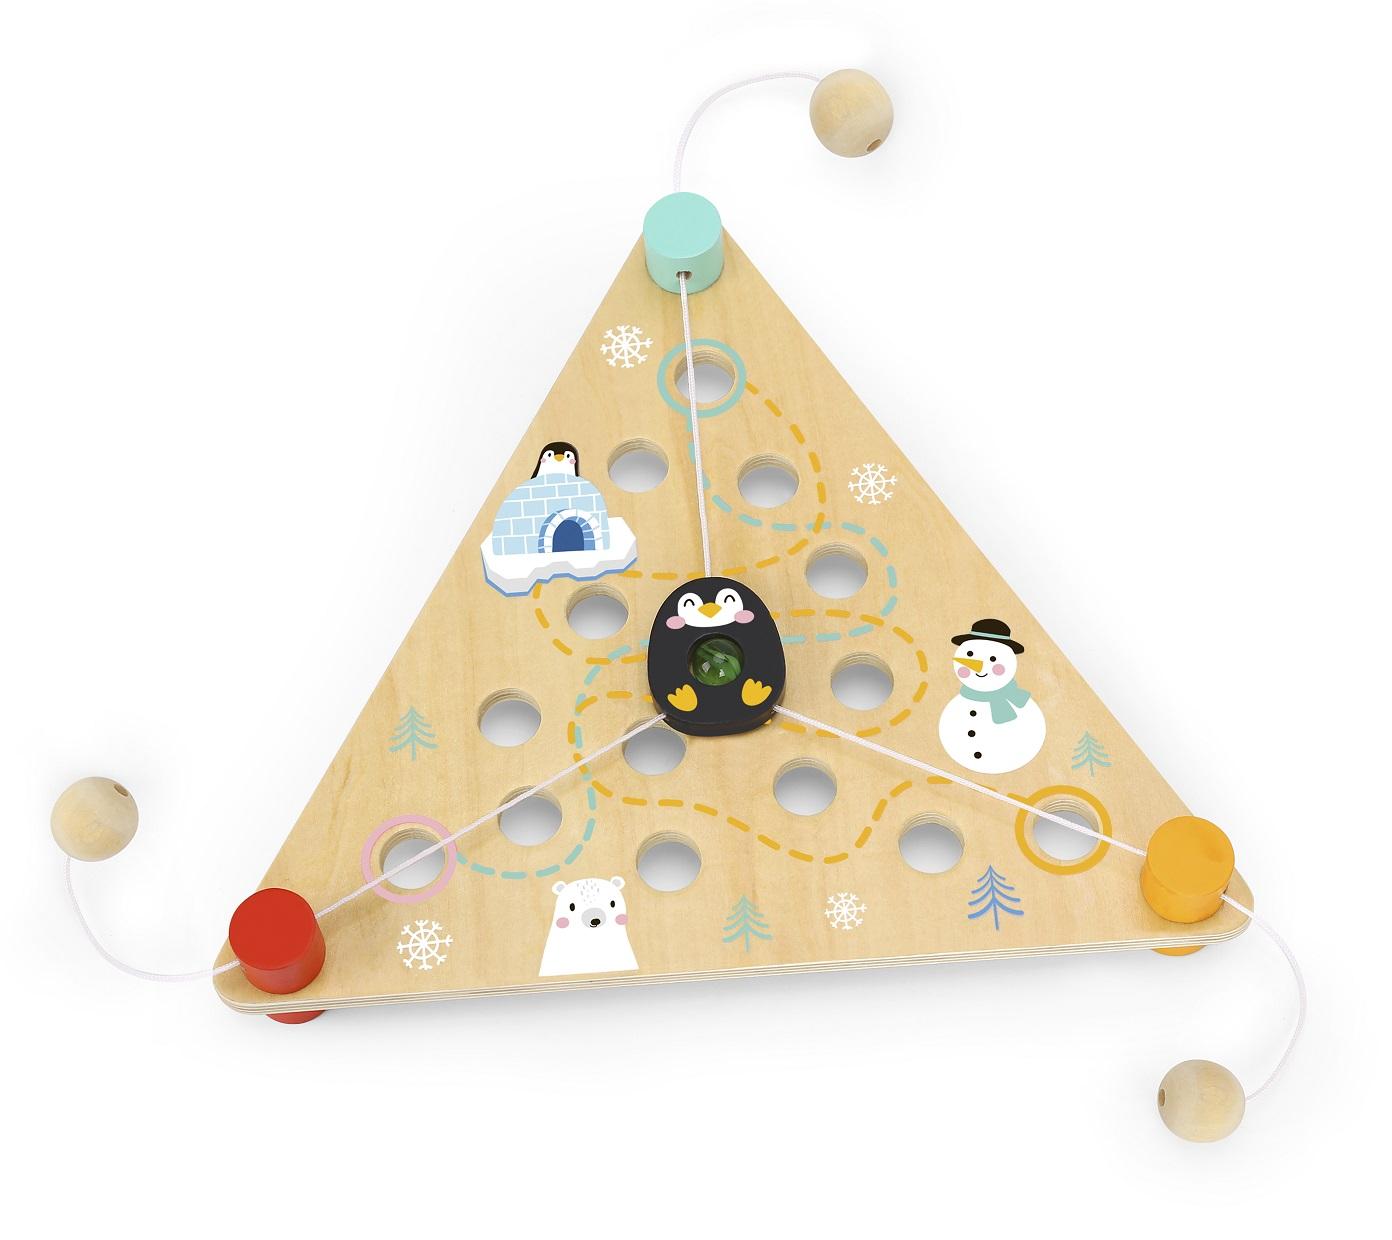 Pinguim Aventureiro, de Madeira, da Tooky Toy - Cód. TF931